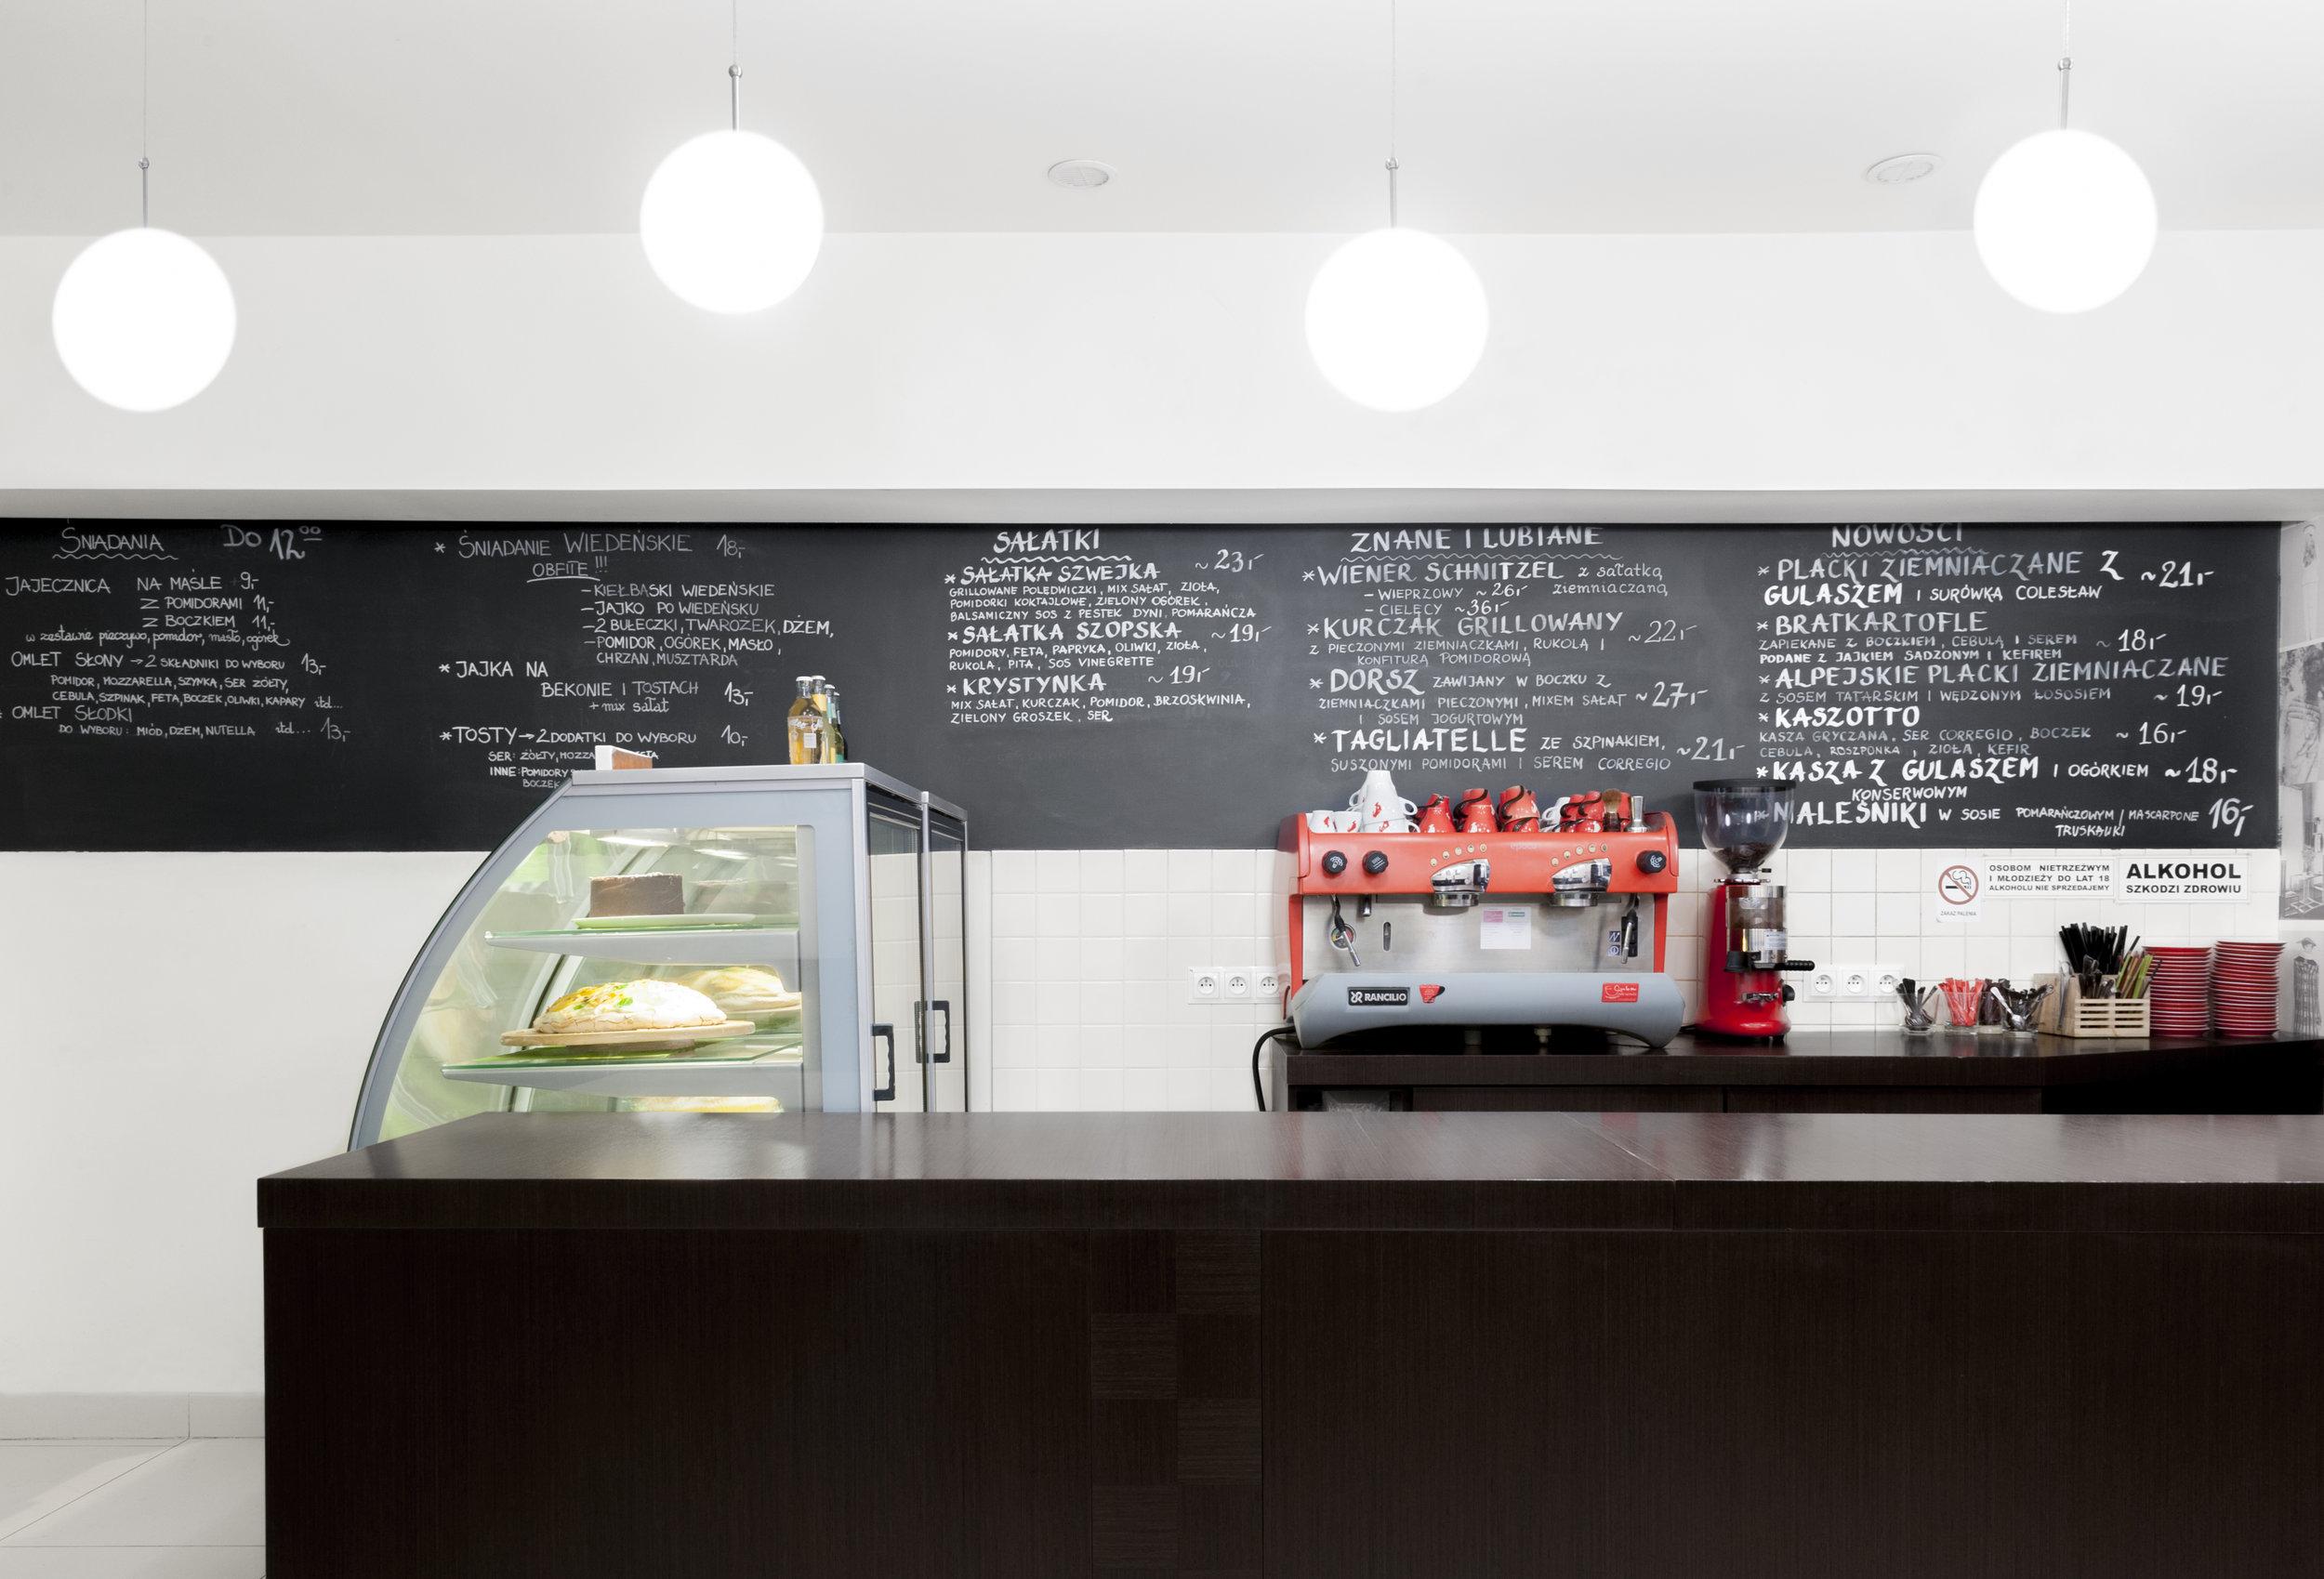 projekt wnętrza-tabica kredowa-bar drewniany-witryna chłodnicza.jpg